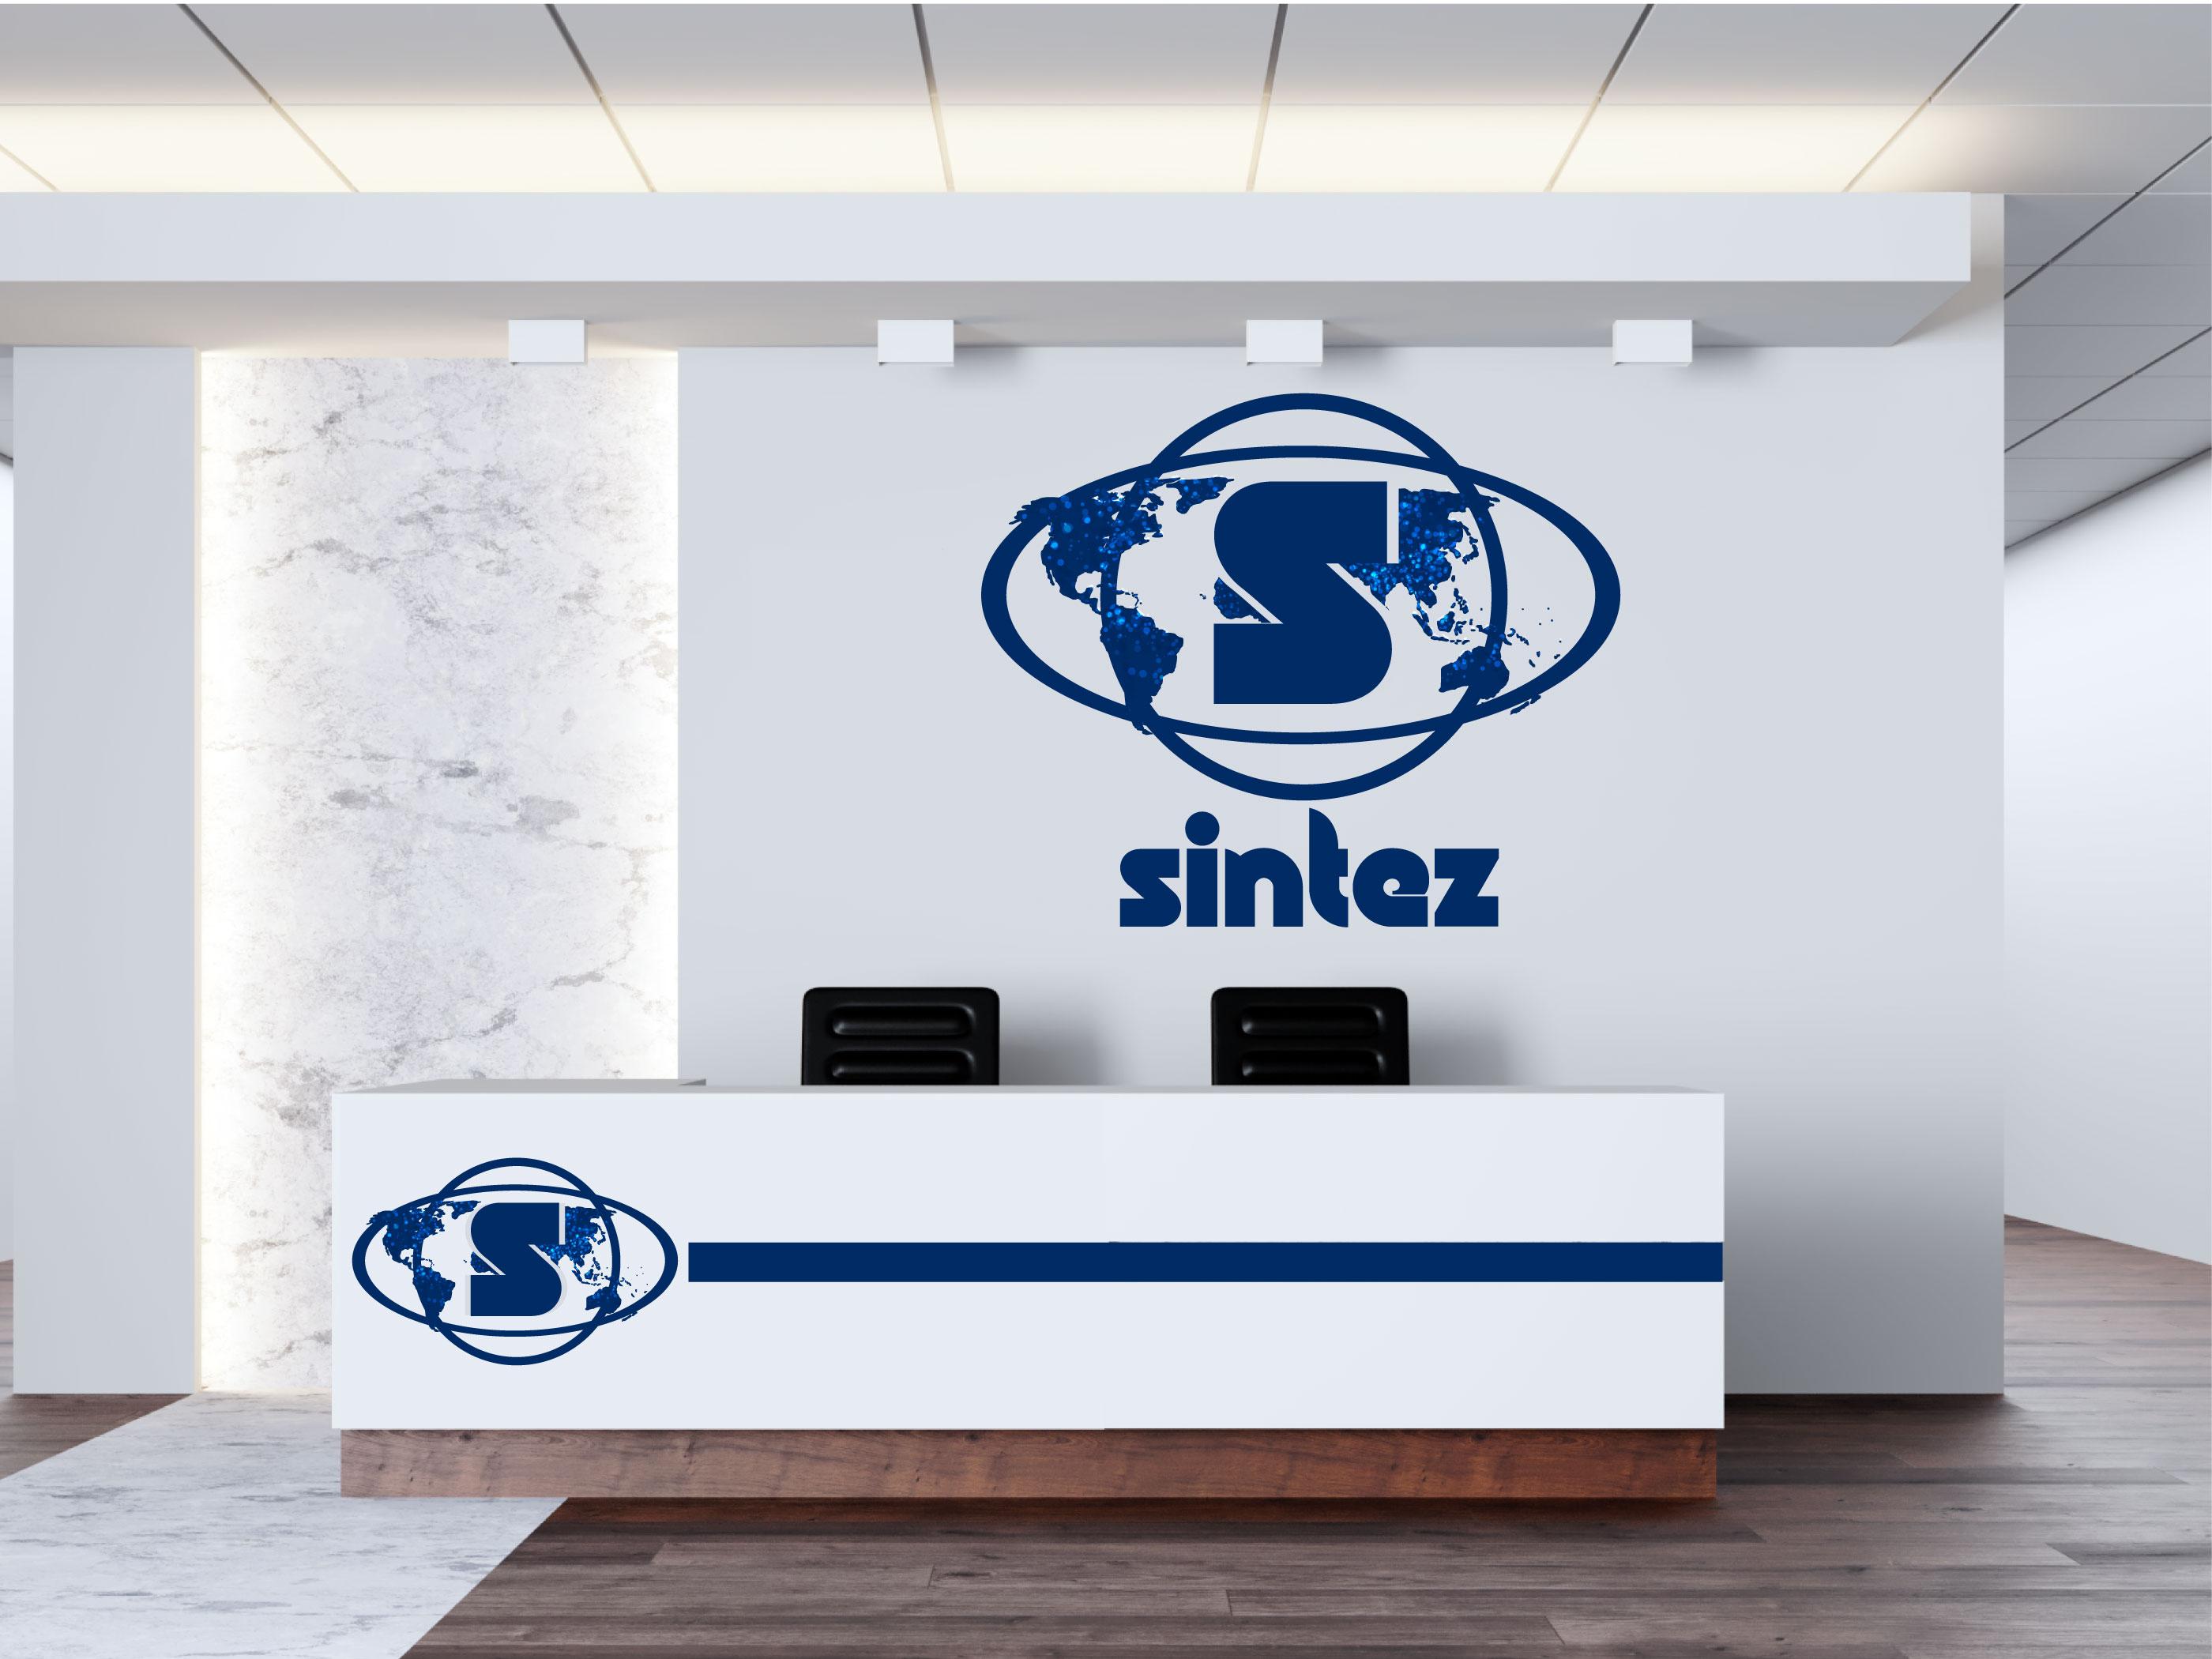 Разрабтка логотипа компании и фирменного шрифта фото f_8165f60944498086.jpg